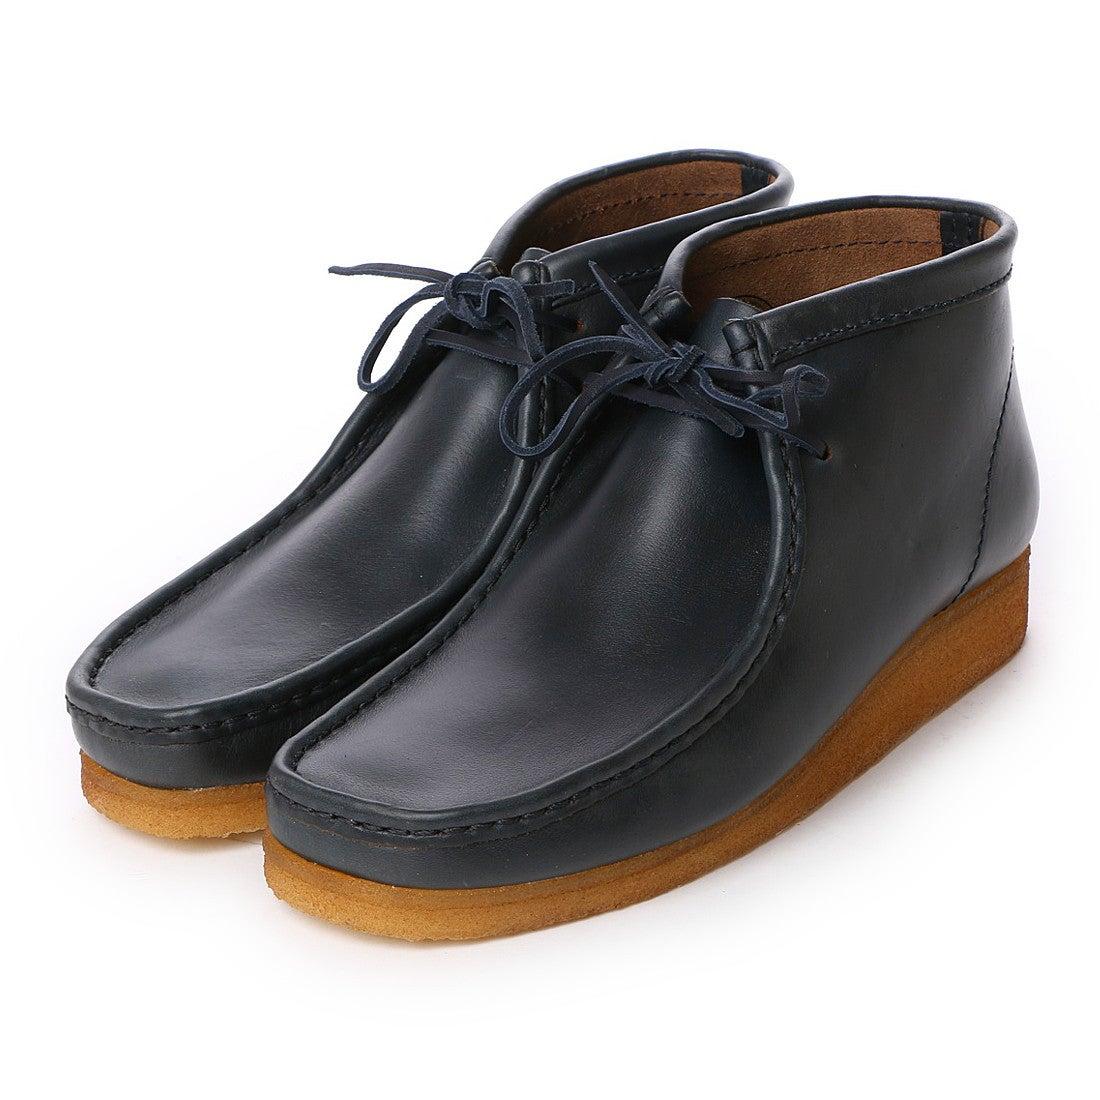 【SALE 30%OFF】クラークス Clarks Wallabee Boot / メンズ ワラビーブーツ (ブルー) メンズ